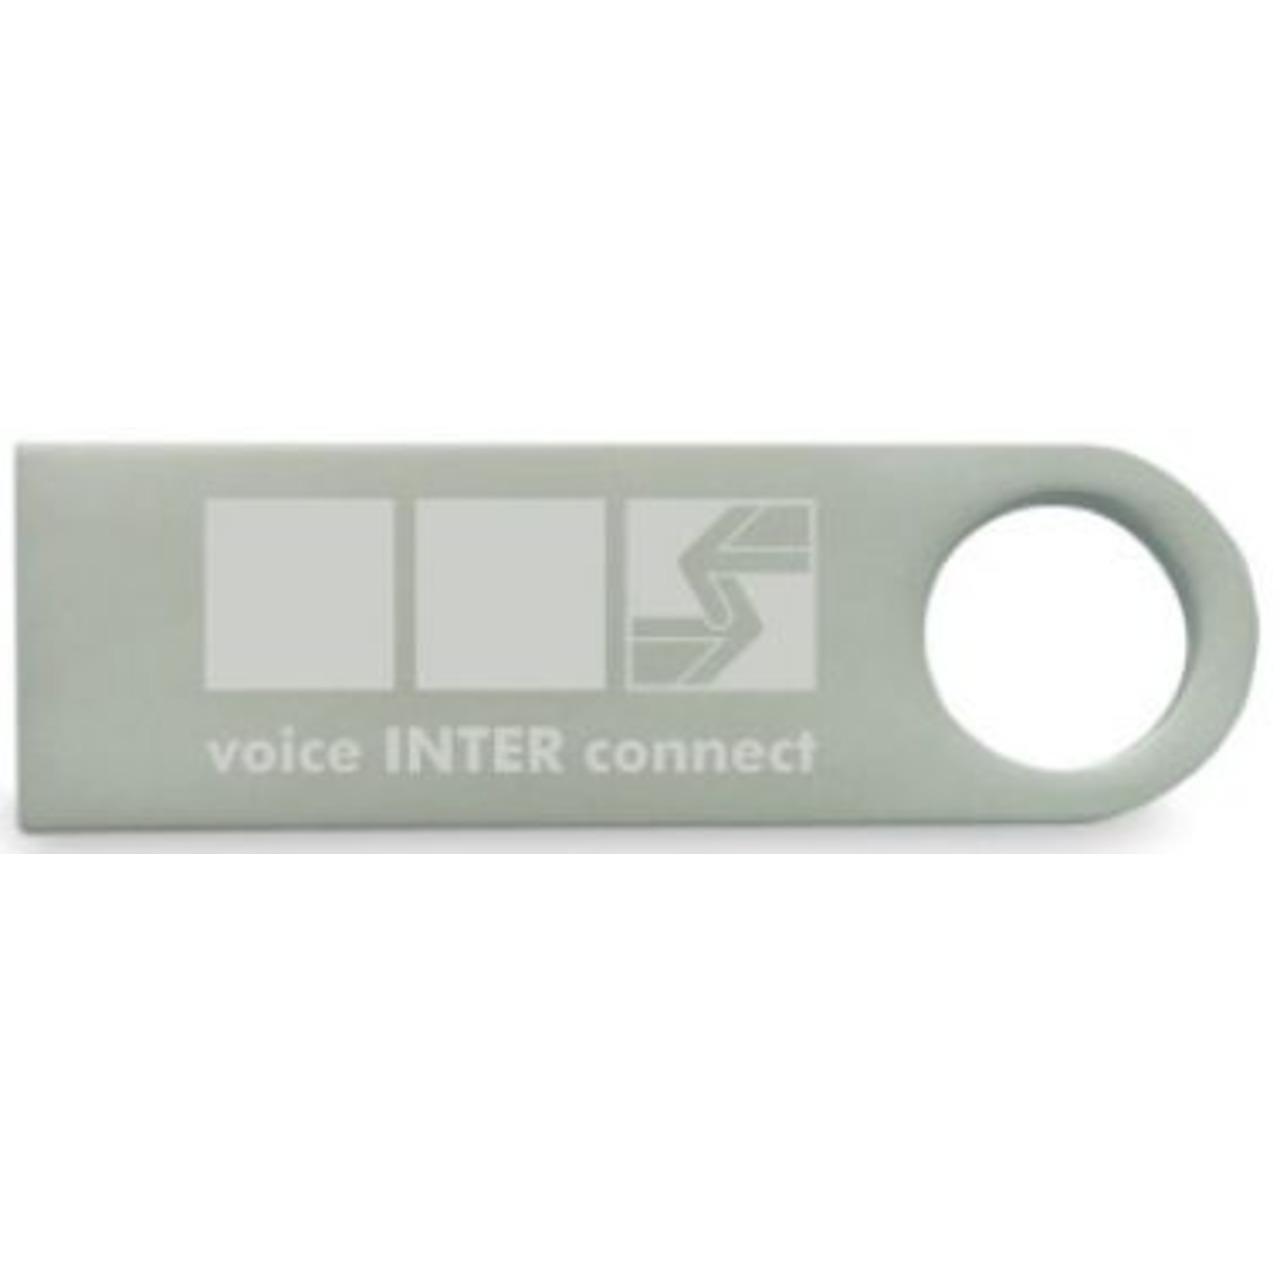 vicCONTROL go stick- Offline Sprachsteuerung